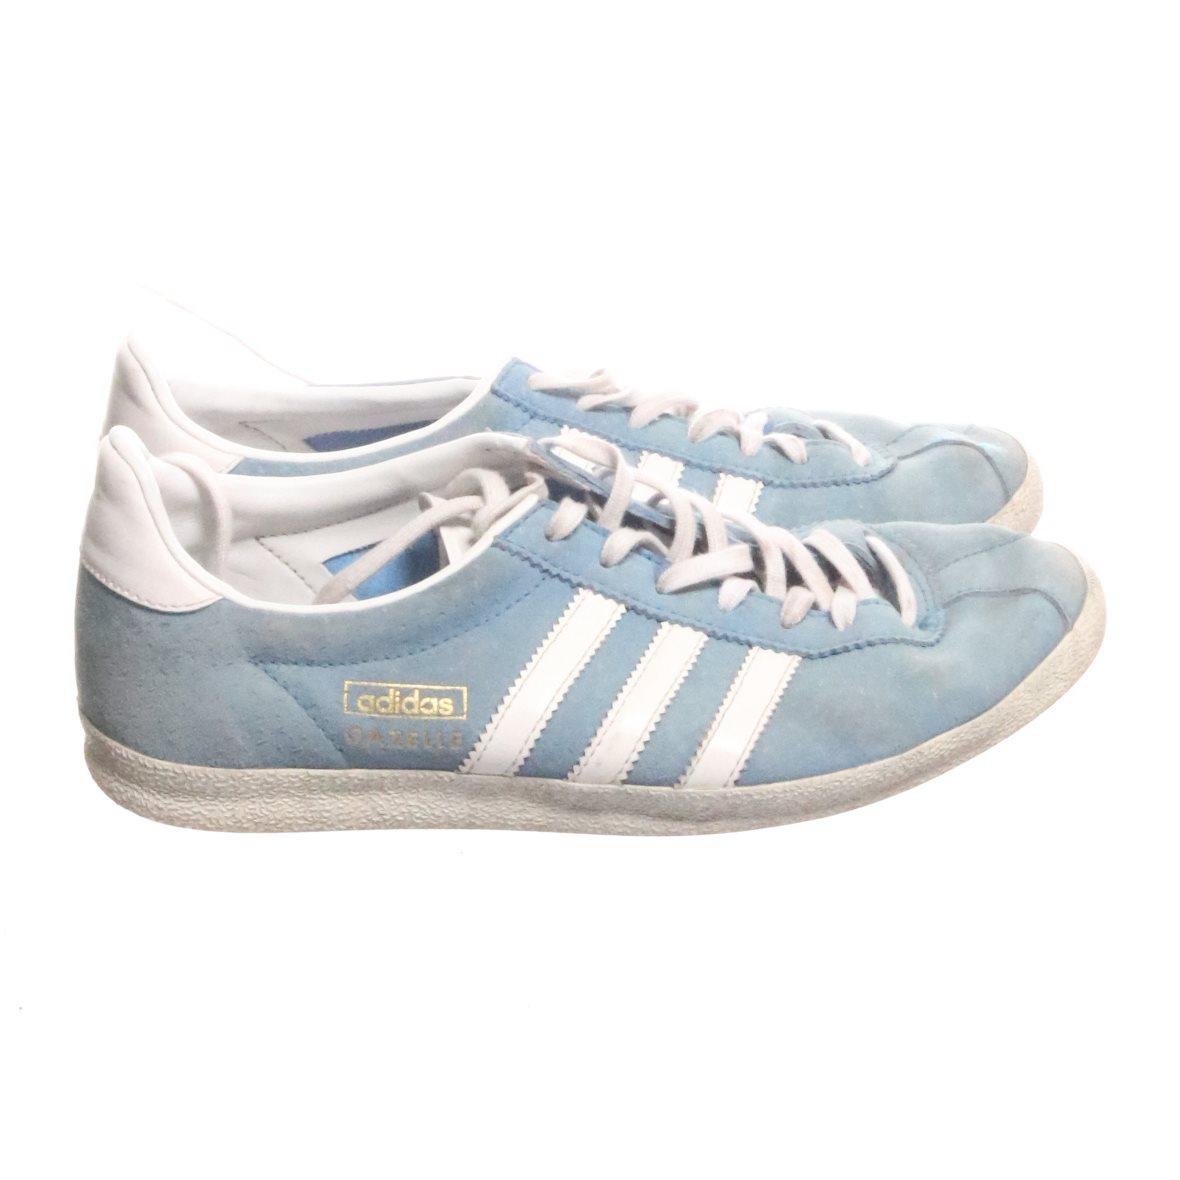 1a5c13a4cc7f Adidas Originals, Sneakers, Strl  36 2 3,.. (335228569) ᐈ Sellpy på ...